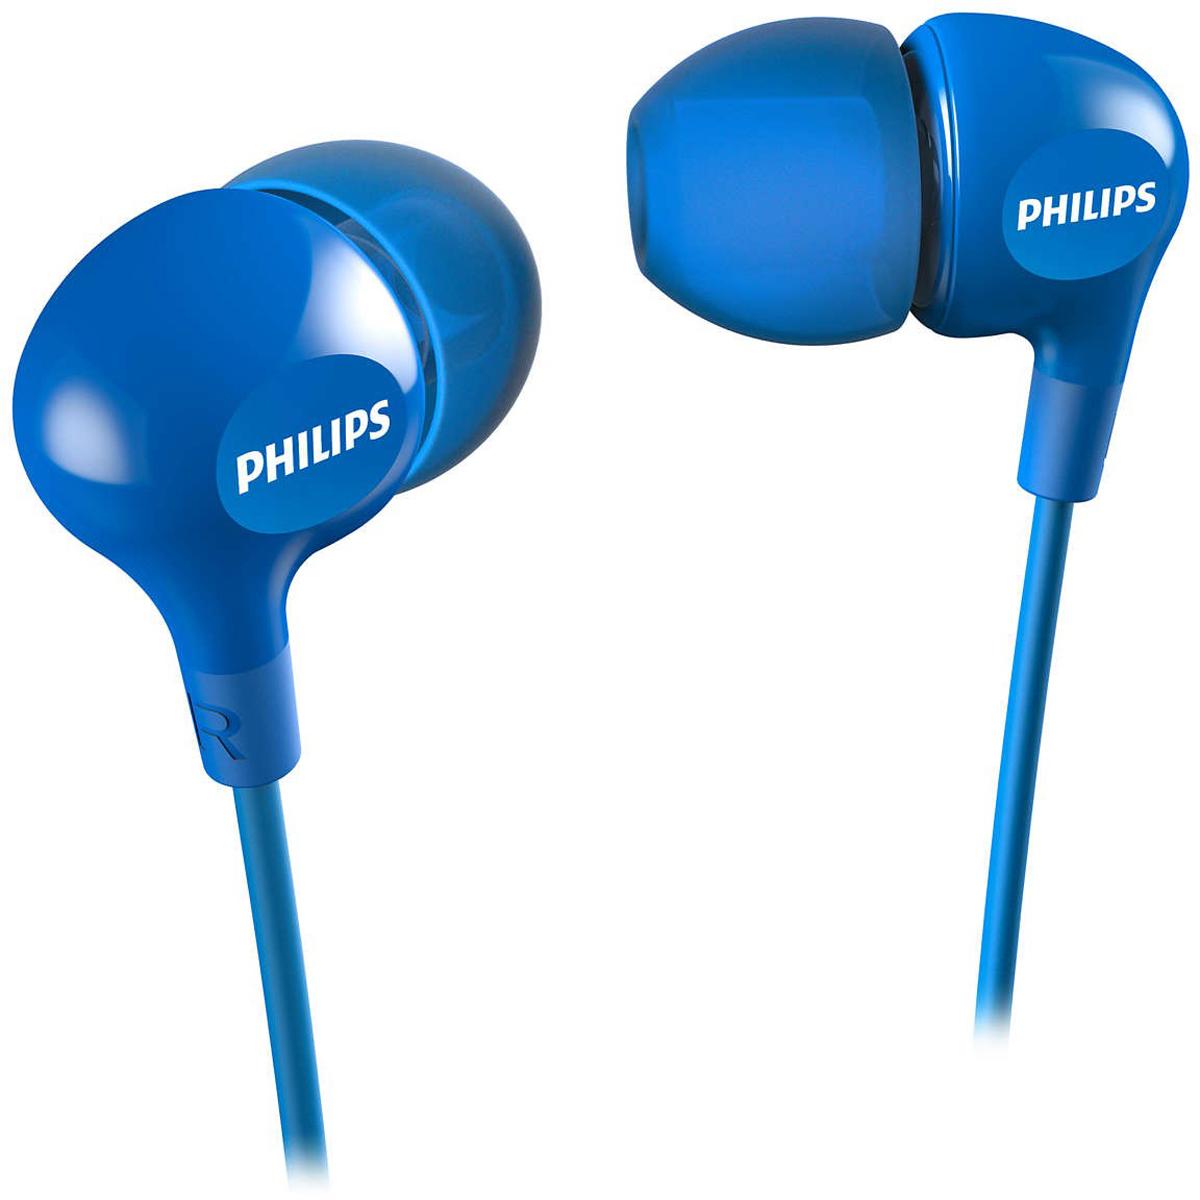 Philips SHE3550, Blue наушникиSHE3550BL/00Компактные наушники-вкладыши Philips SHE3550 с усиленным басом. Эргономичная овальная звуковая трубка обеспечивает максимально комфортную посадку, подстраиваясь под форму уха. В комплект входят насадки 3 размеров, чтобы вы могли выбрать для себя подходящий вариант.Мягкий резиновый сгиб предотвращает повреждение контактов при многократном сгибании кабеля и продлевает срок службы наушников.